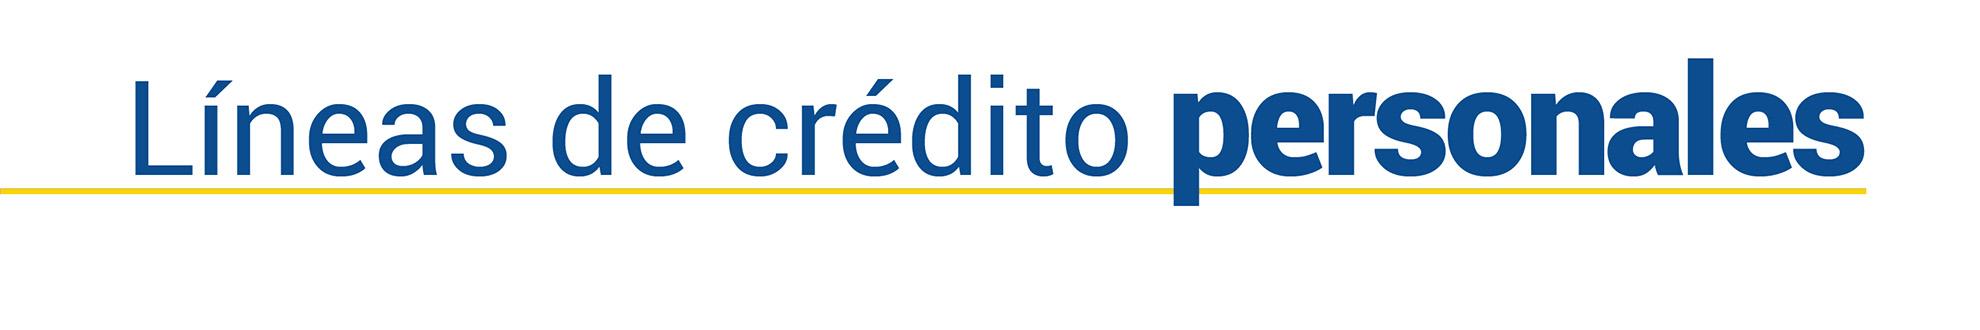 Imagen de Líneas de Crédito Personales